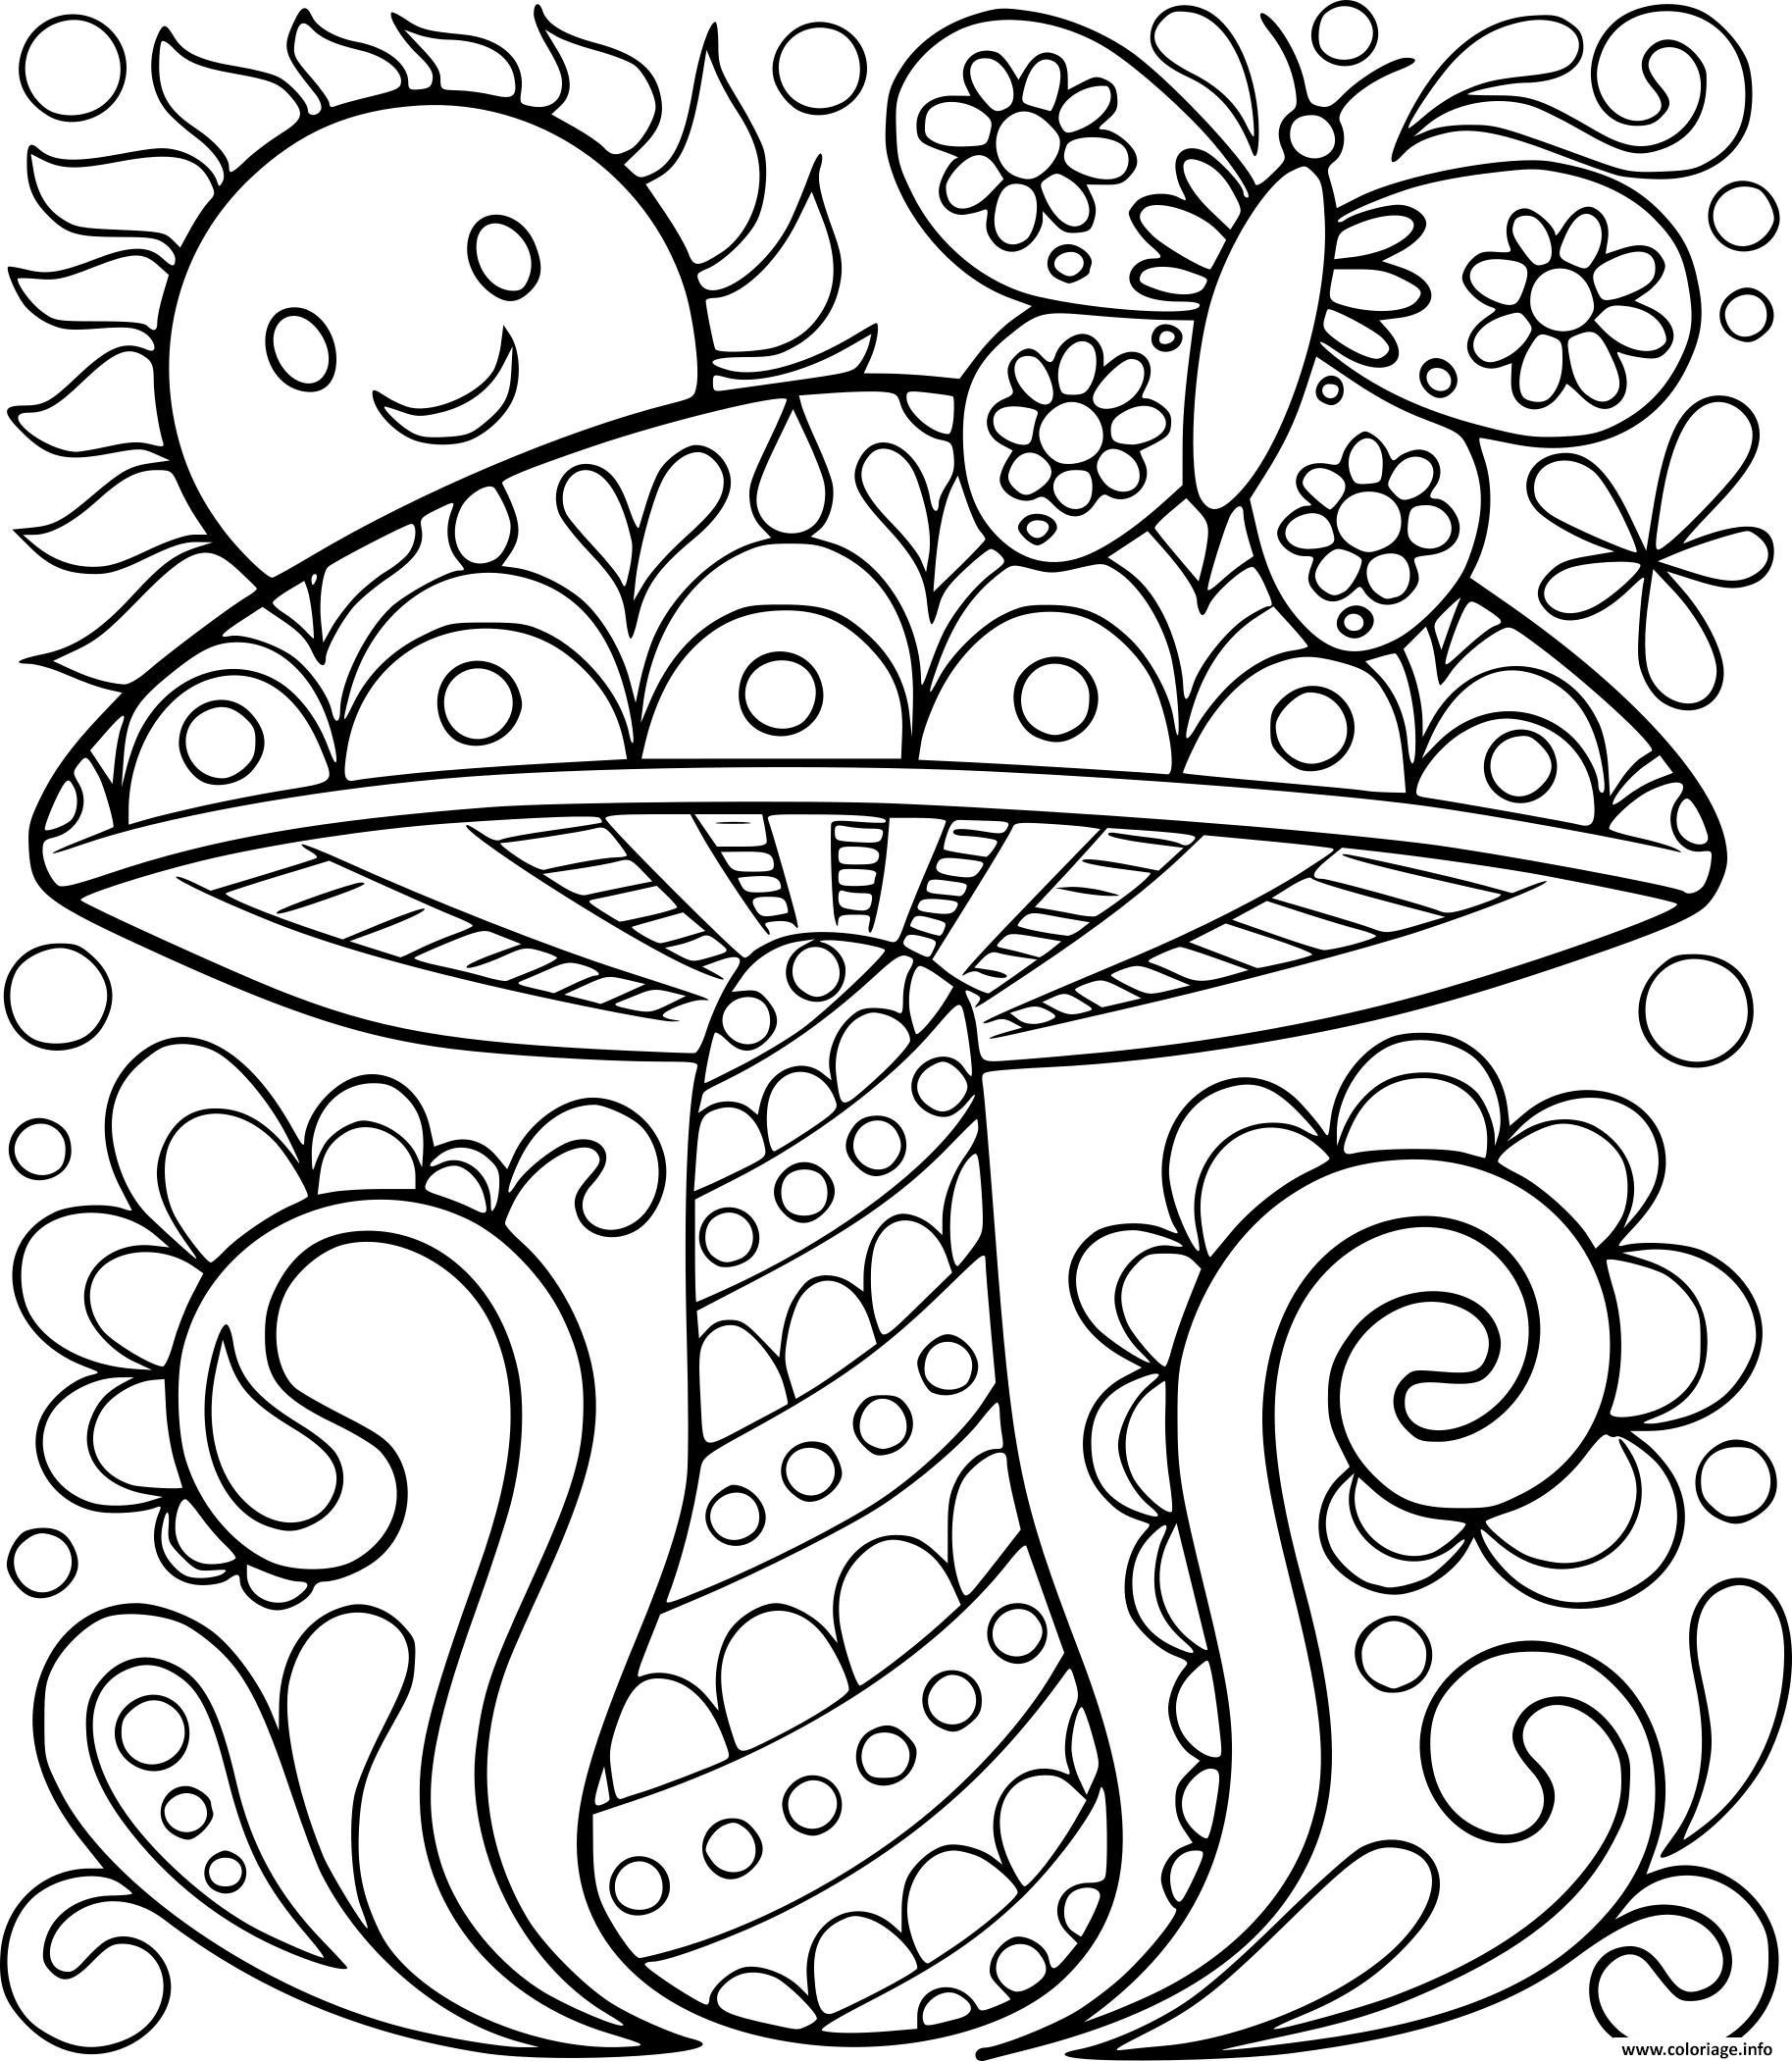 Coloriage Adulte Champignon Soleil Papillon Nature dessin